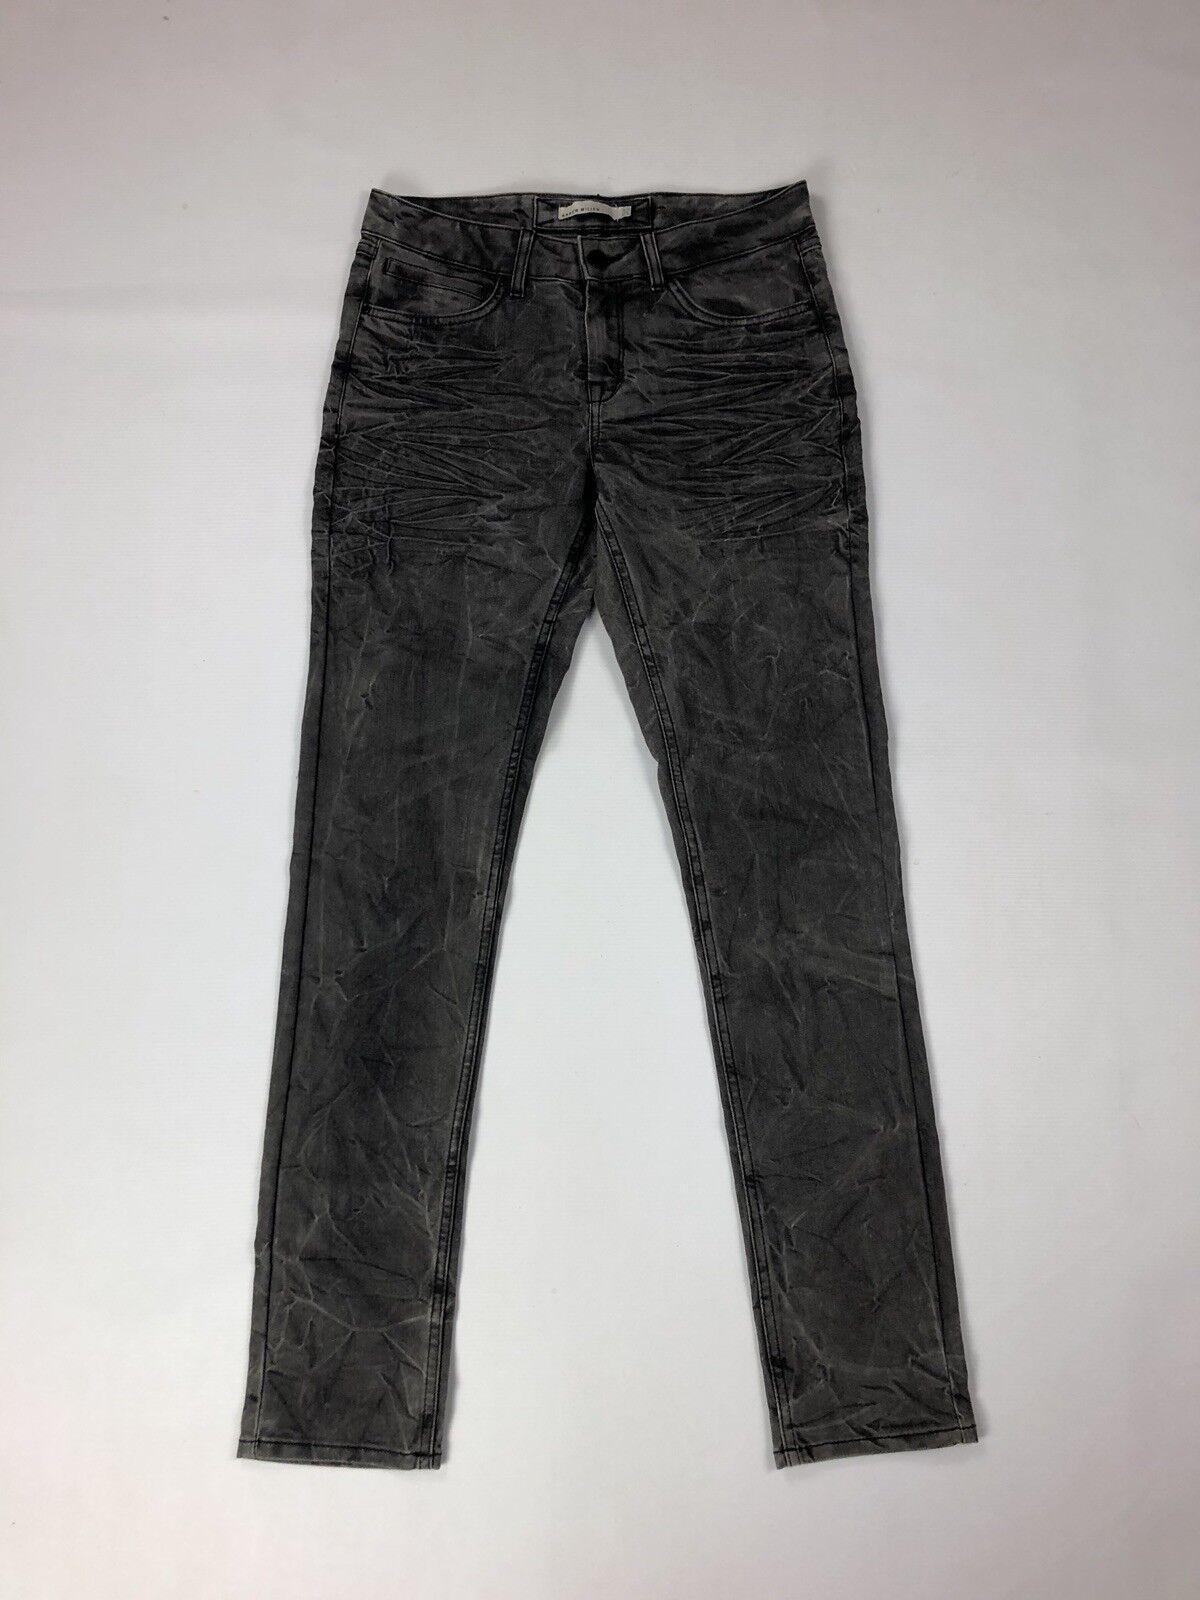 KAREN MILLEN Jeans - UK10 W30 L32 - Slim - Grey - Great Condition - Women's